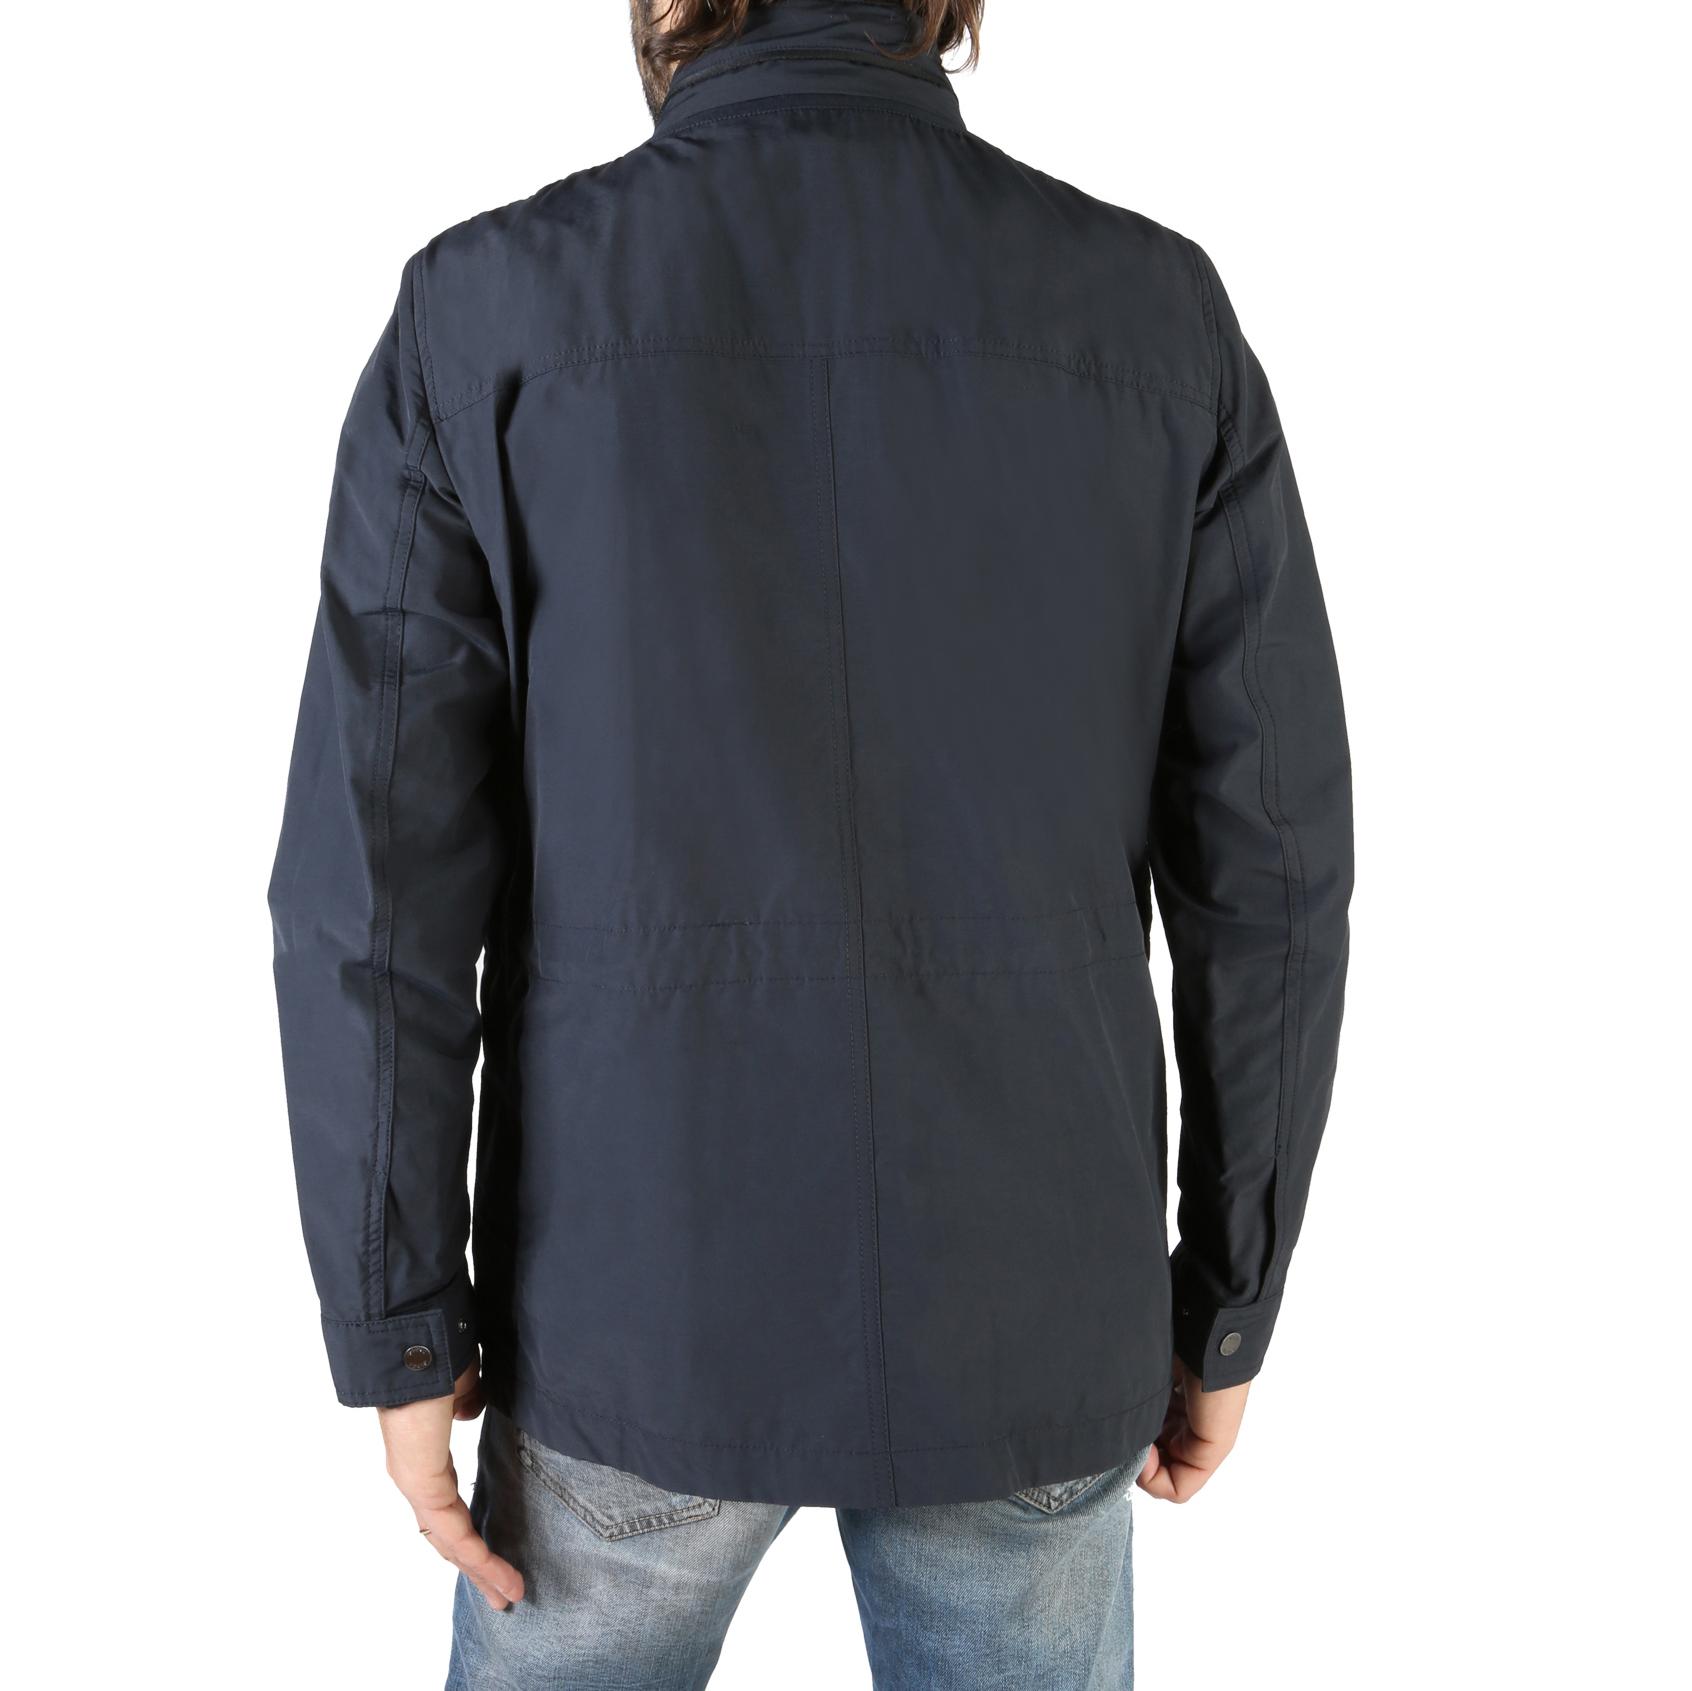 Geox-m8220ft2473-UOMO-BLU-106700-di-transizione-giacca-cotone-cappuccio-fruhlingsjac miniatura 2